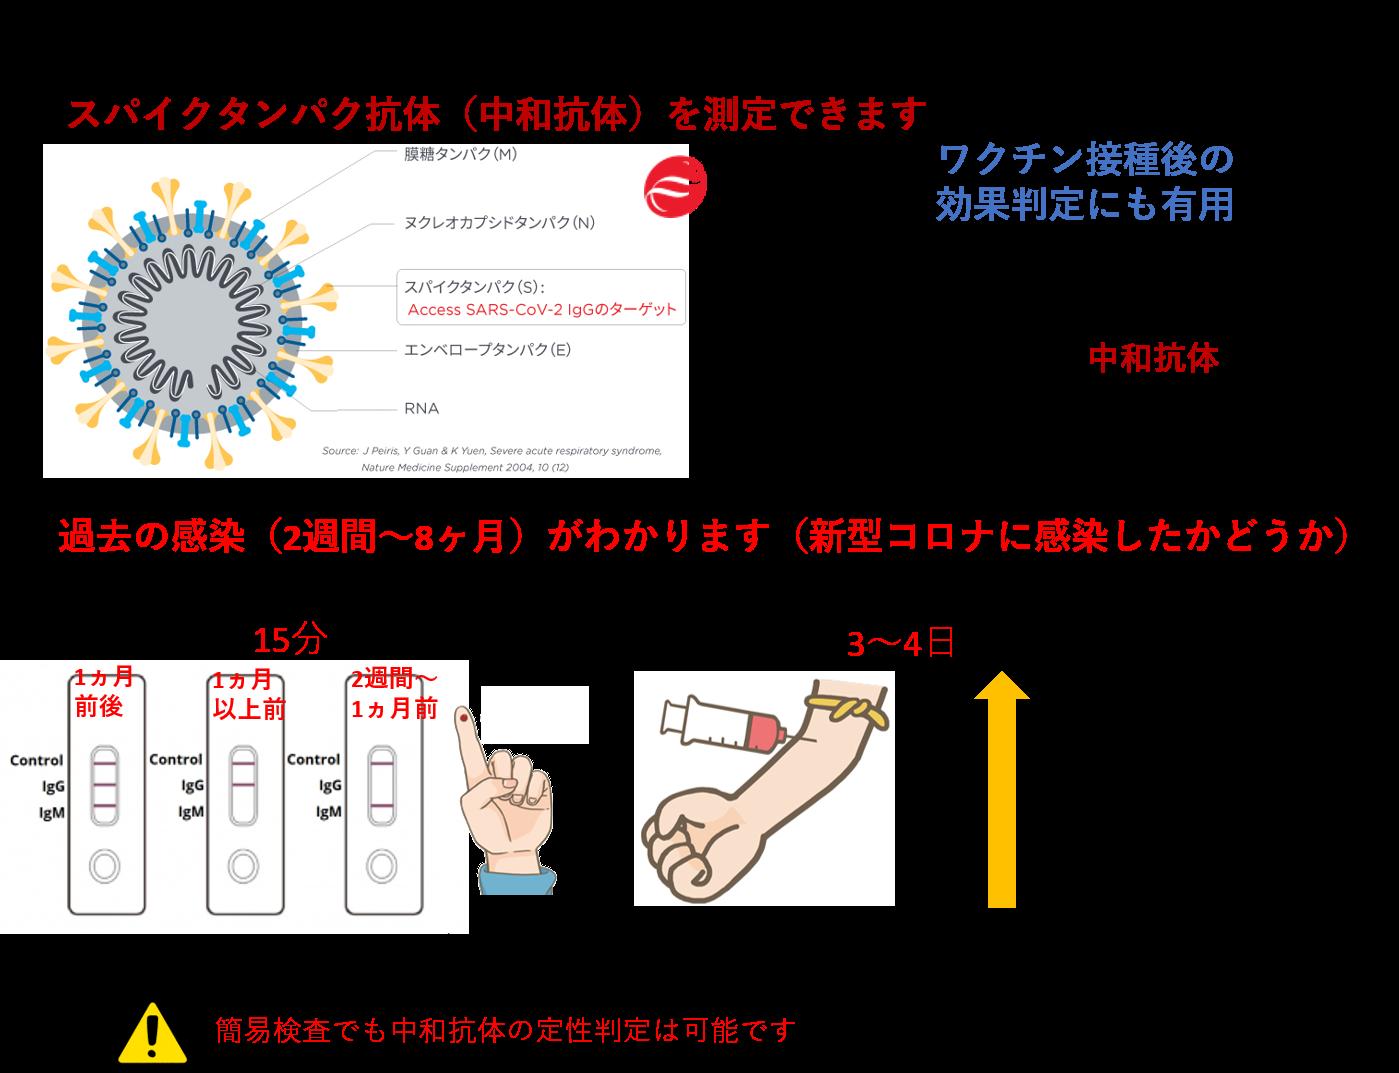 スパイク蛋白抗体(中和抗体)